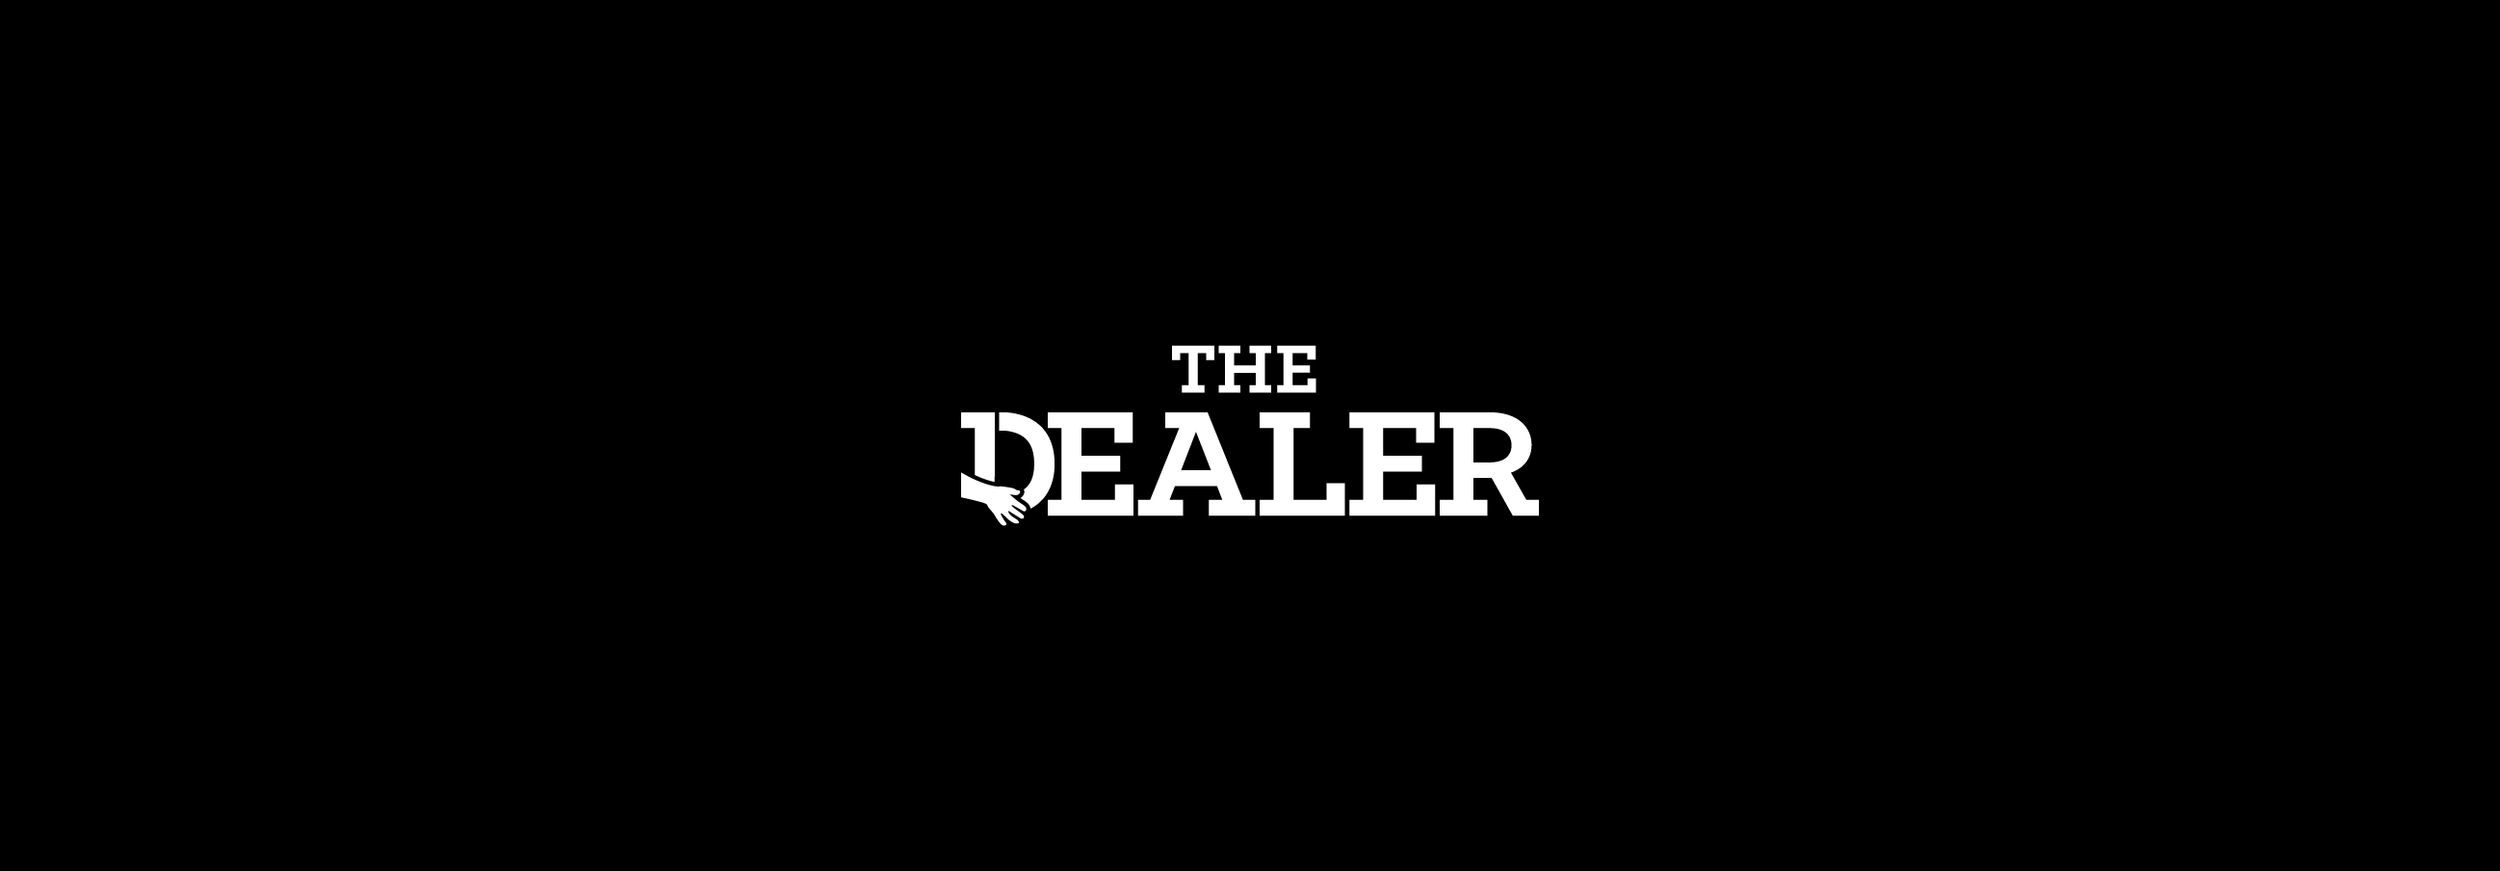 The-Dealer-Logo-1.png